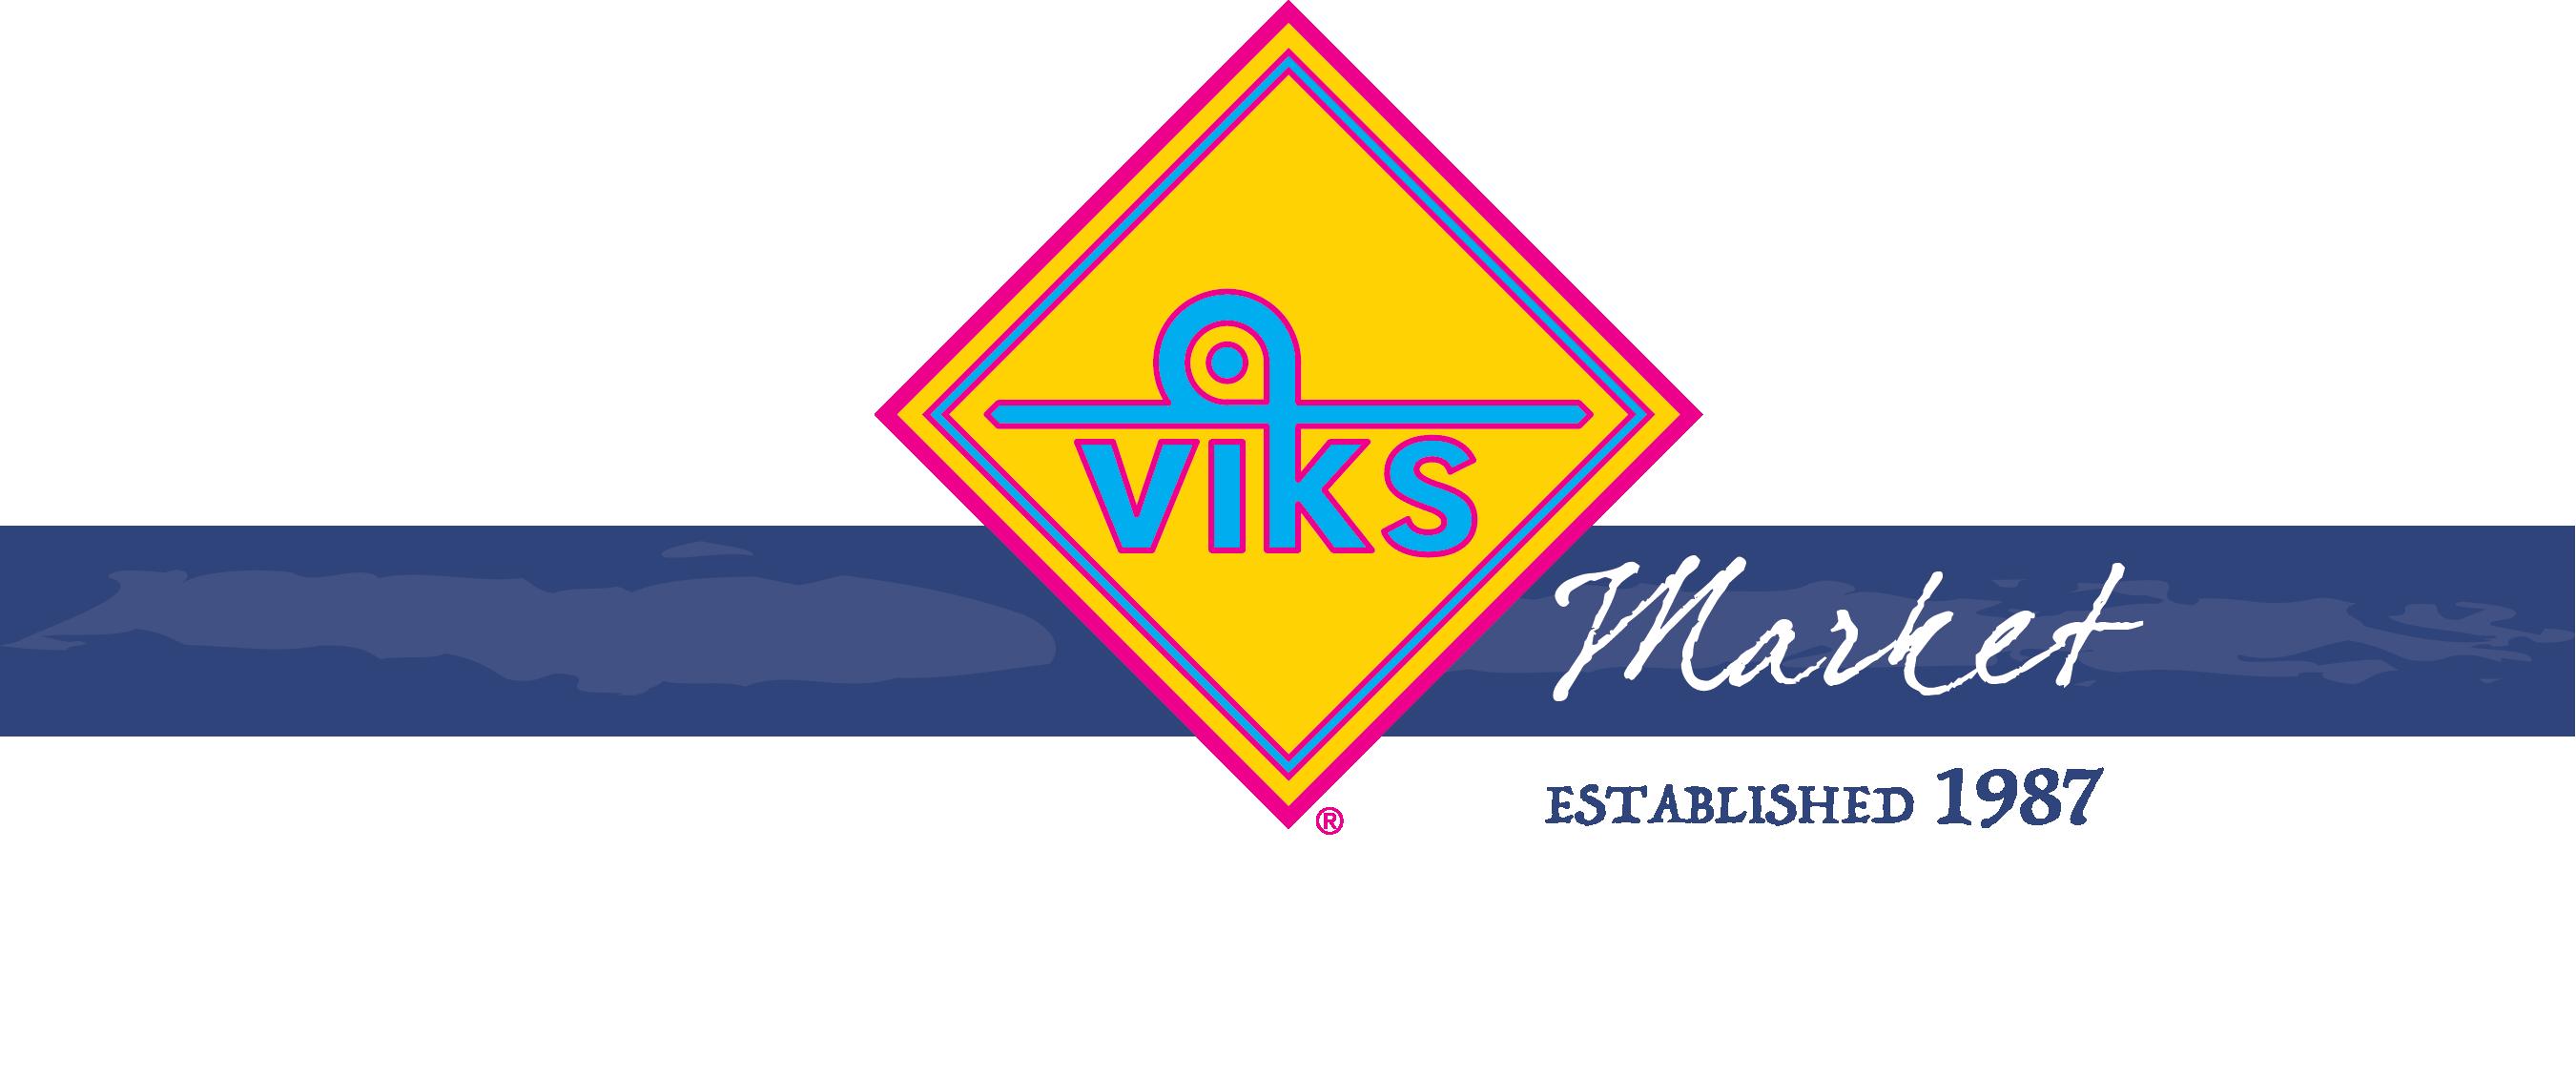 Viks Market